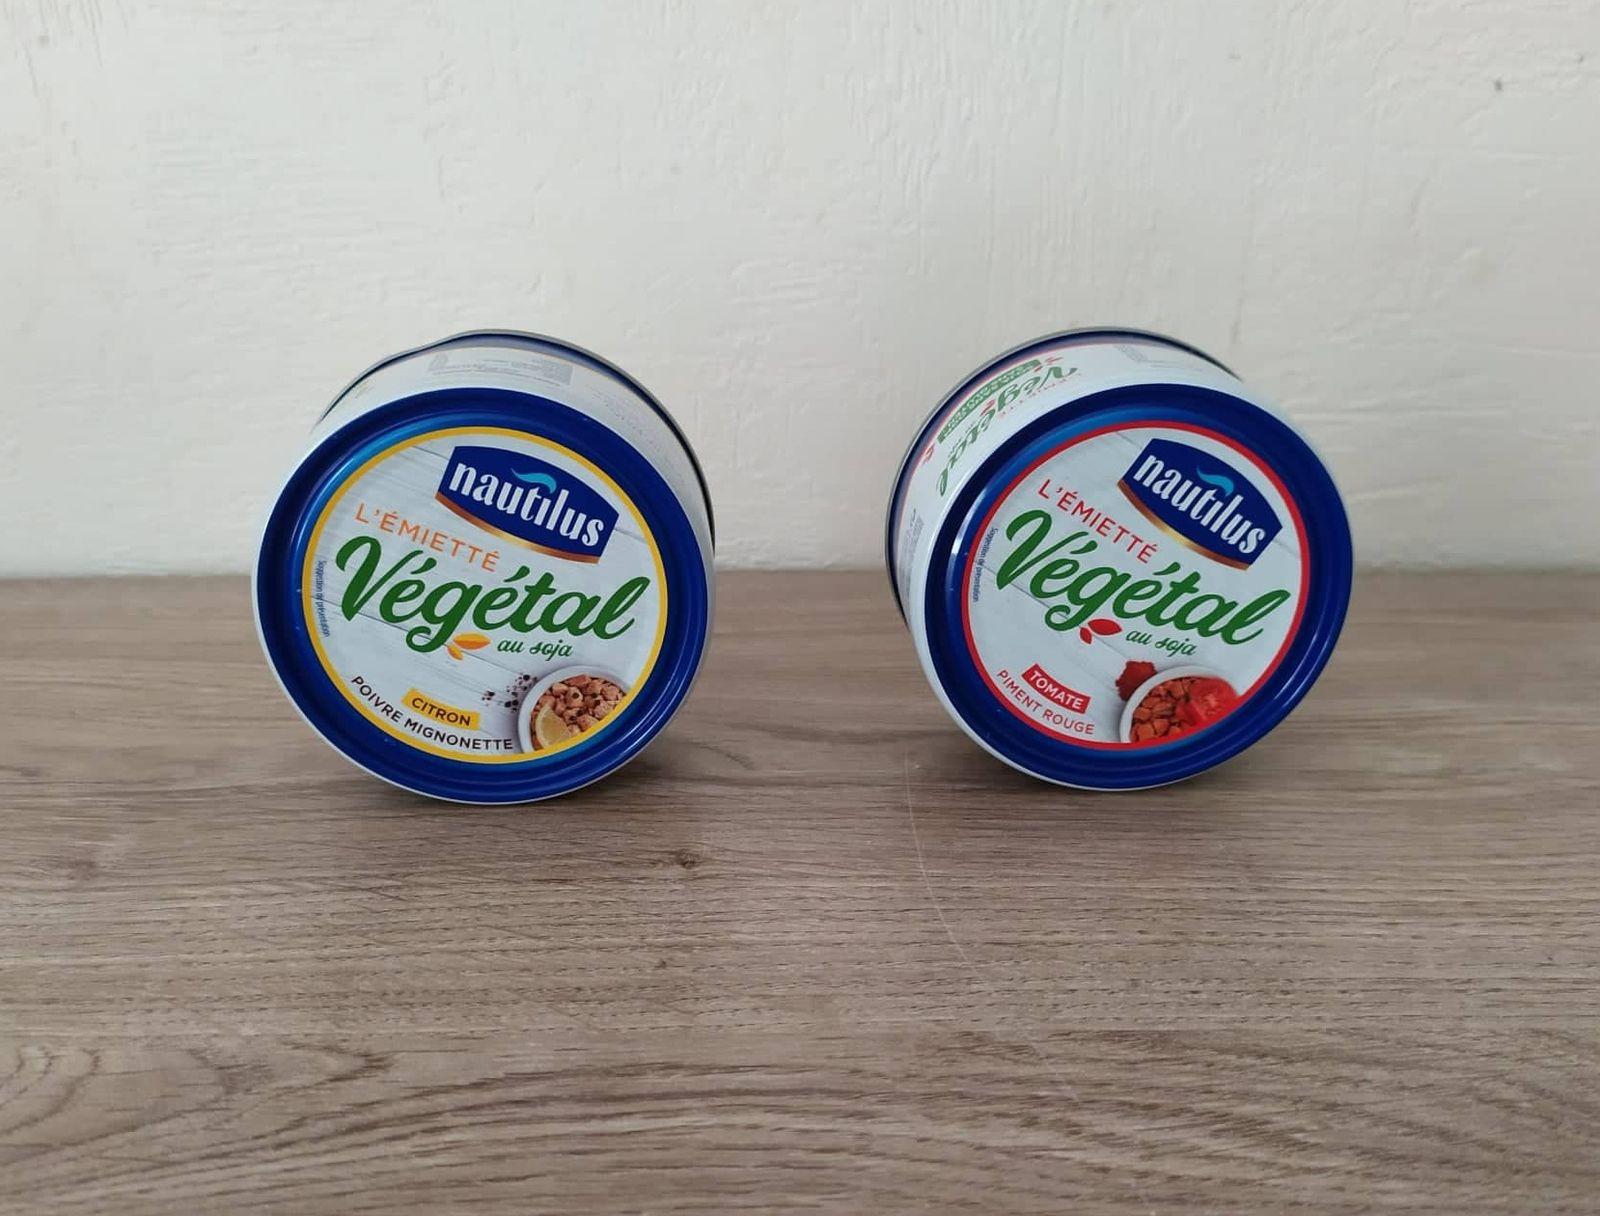 L'émietté végétalau Citron ou Tomate & Piment NAUTILUS